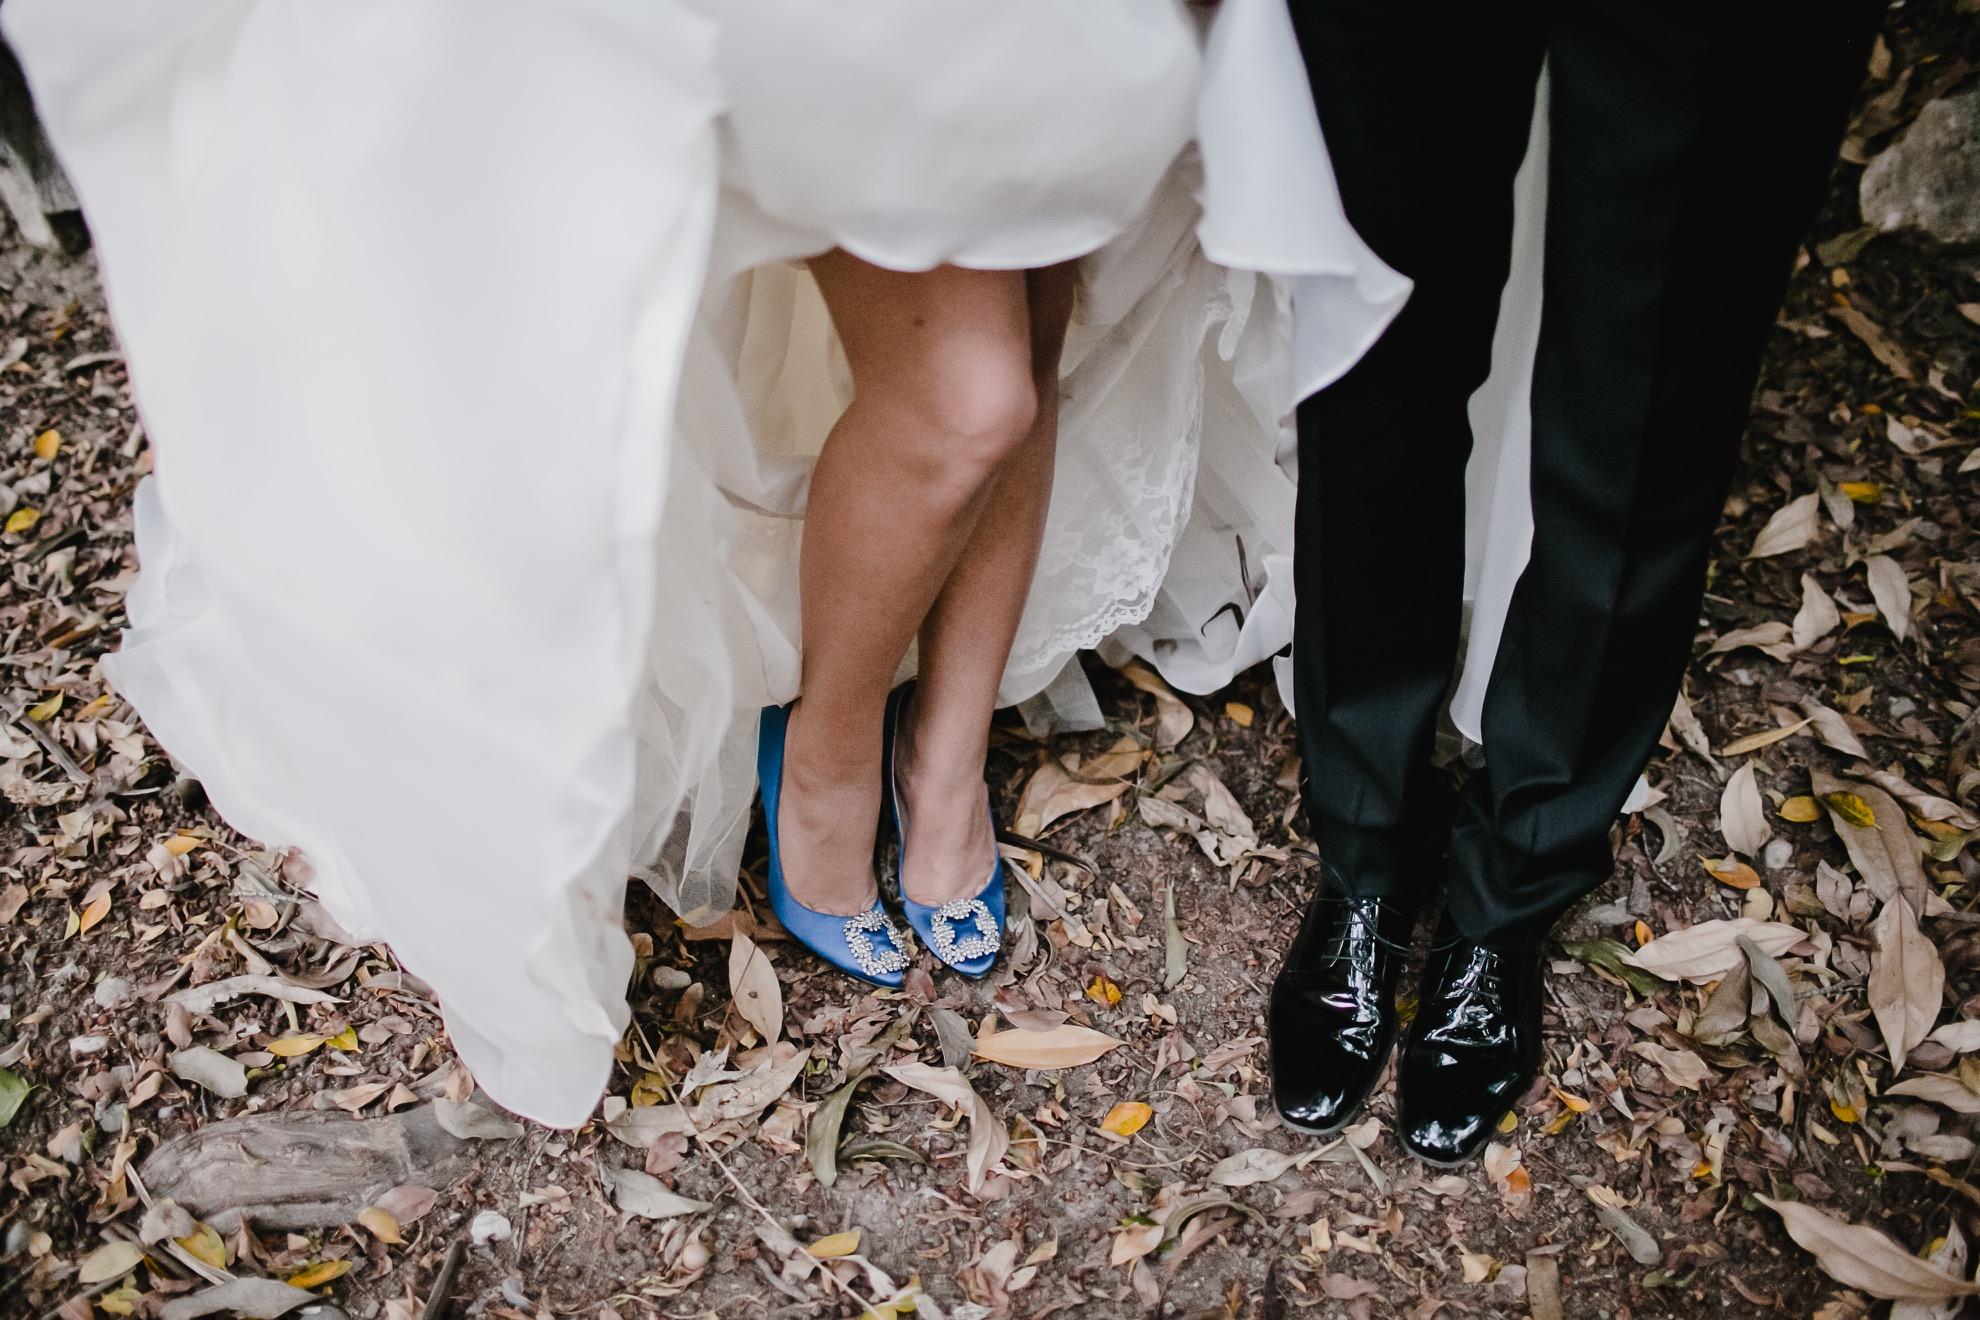 Si-Quiero-Wedding-Planner-By-Sira-Antequera-Bodas-Málaga-Marbella-Miami- Paola-Carlos-157